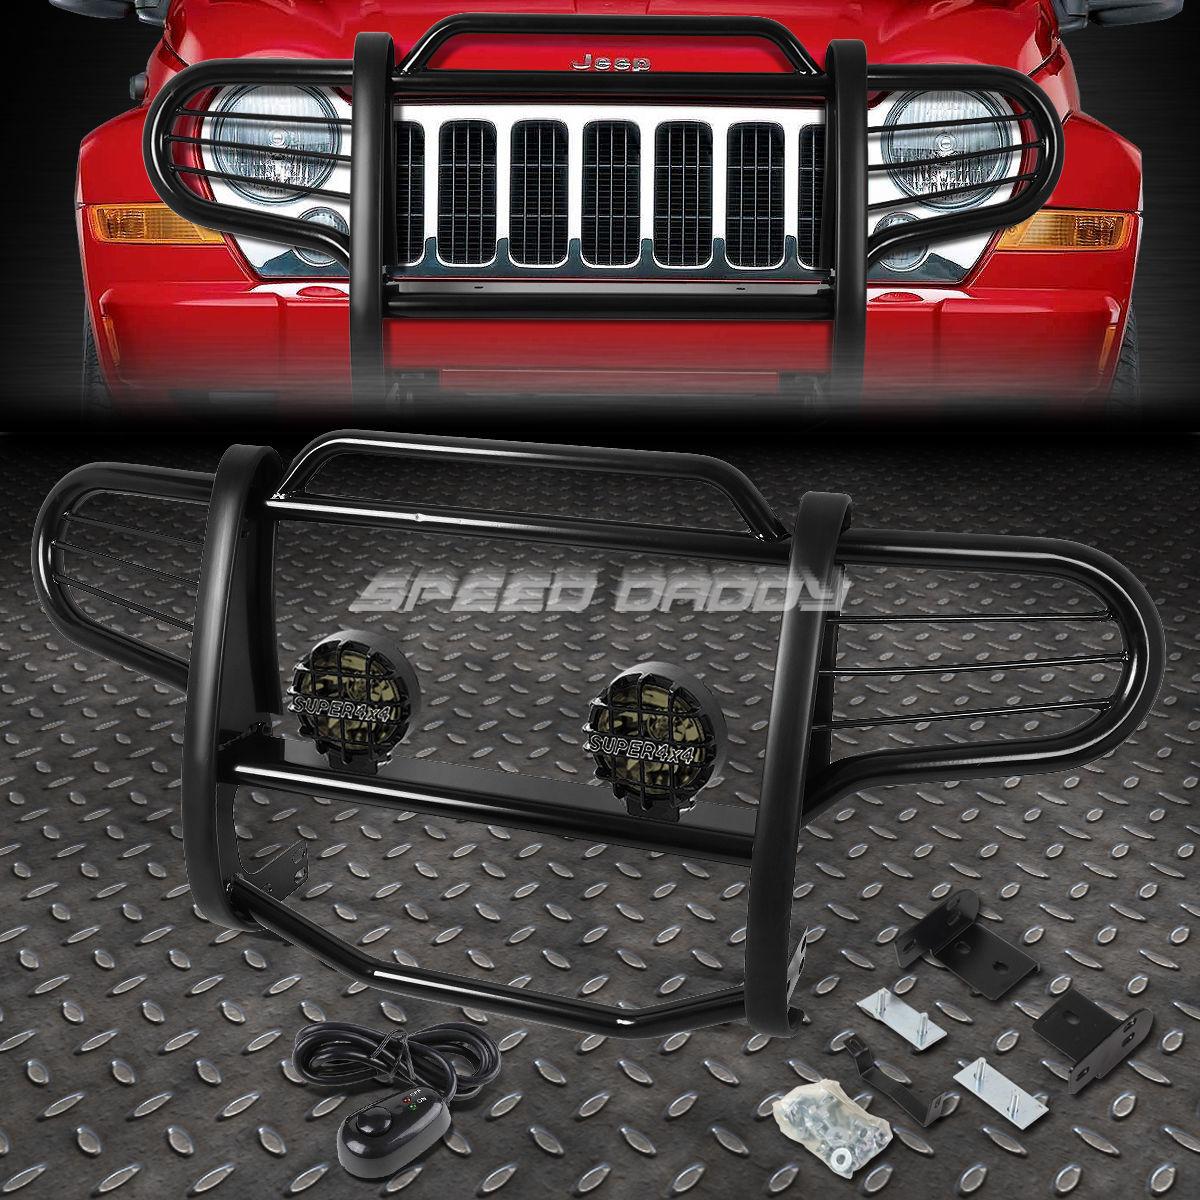 グリル ブラックブラッシュグリルガード+ 02-07ジープリバティーKJ SUVのラウンドソーキーフォグライト BLACK BRUSH GRILLE GUARD+ROUND SMOKE FOG LIGHT FOR 02-07 JEEP LIBERTY KJ SUV